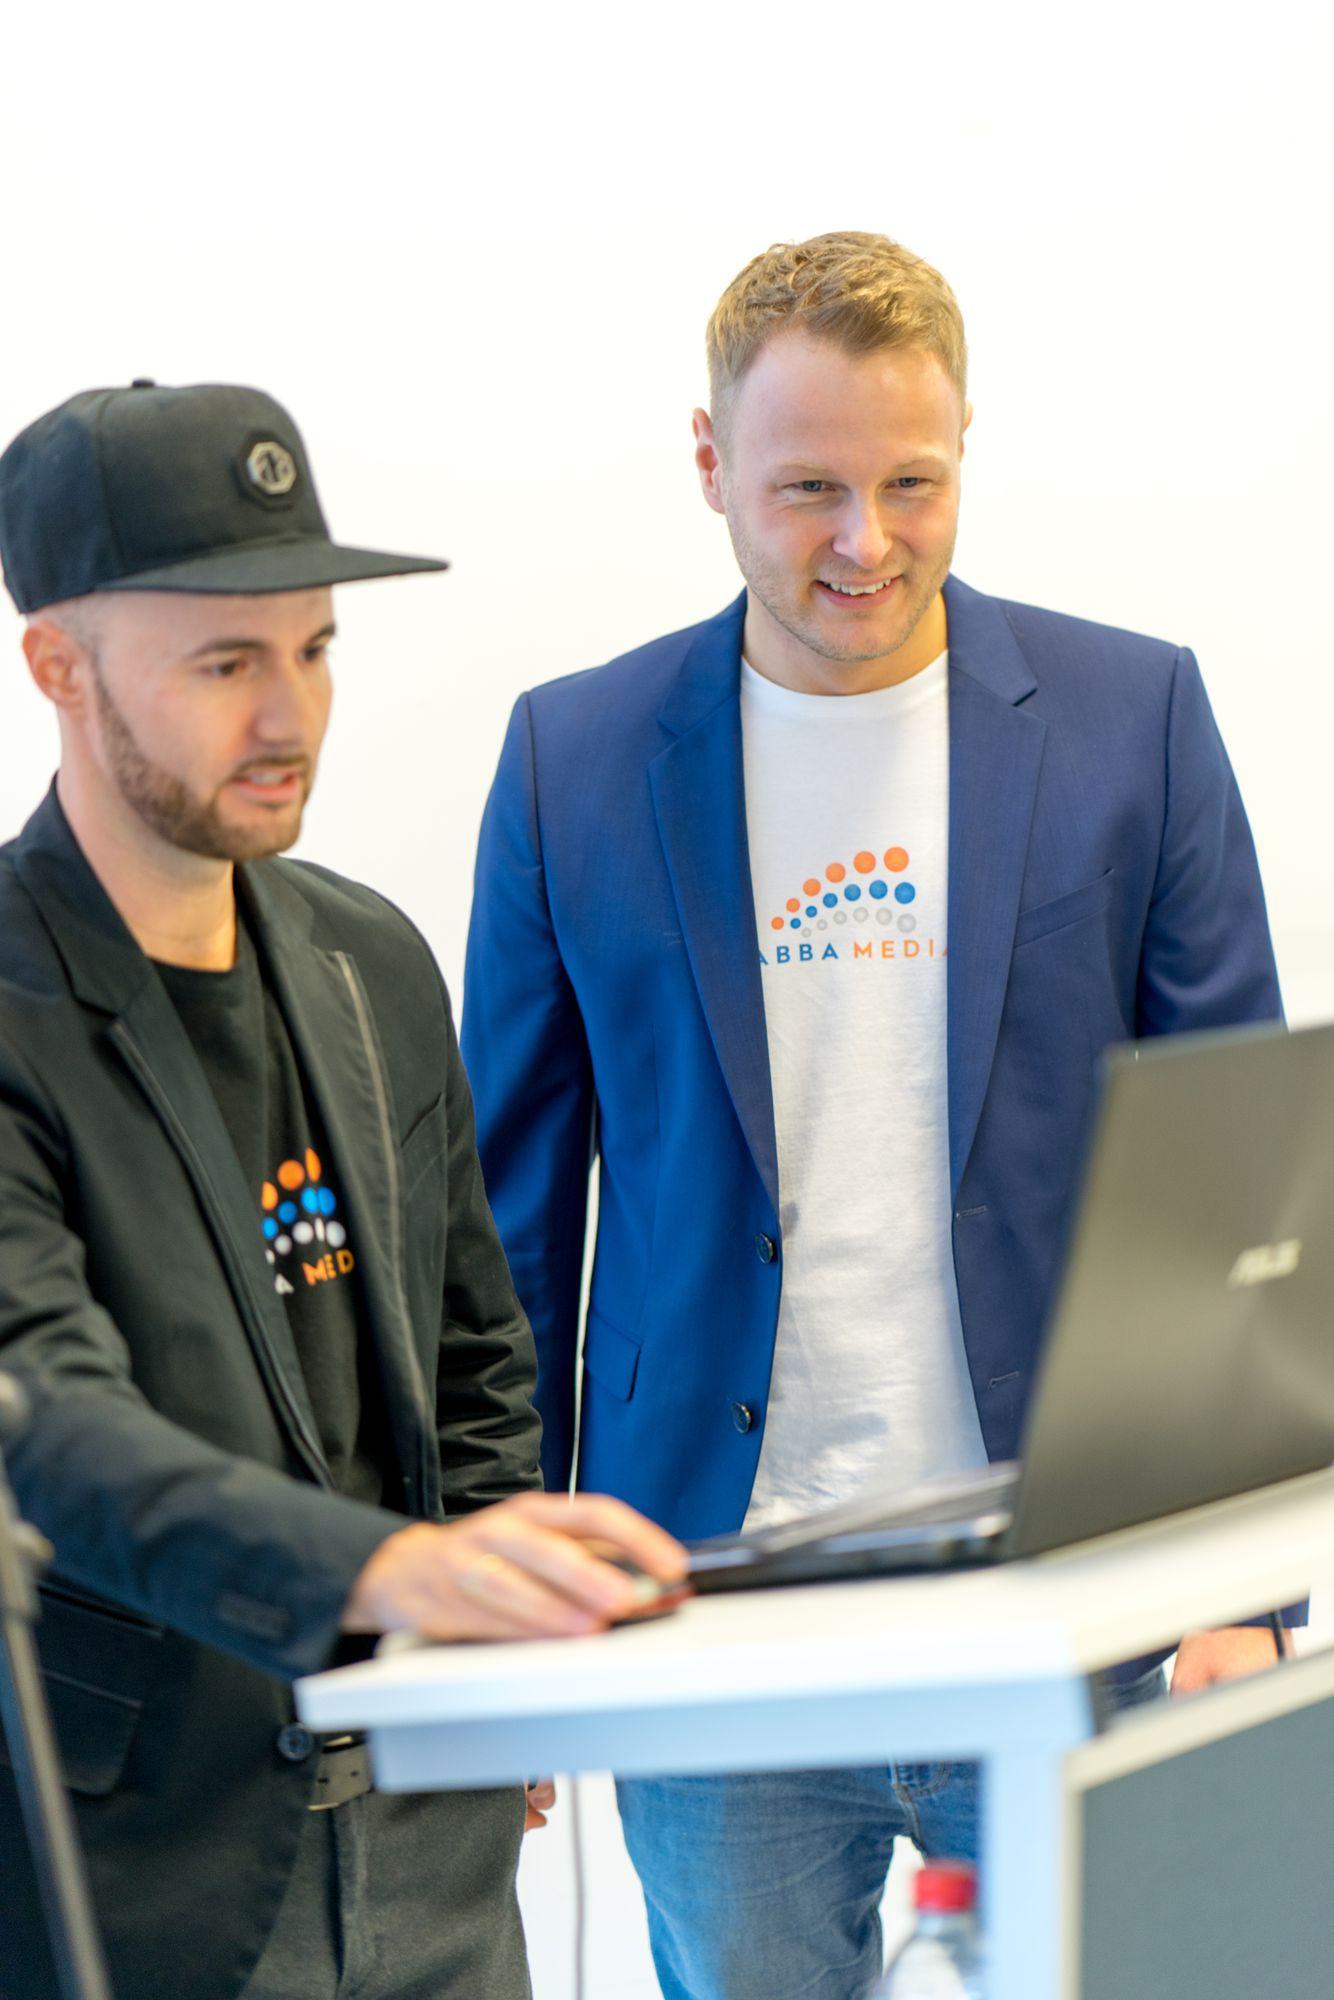 Stefan Beier und Daniel Hauber auf dem Babba Business Day 2019 in Großostheim